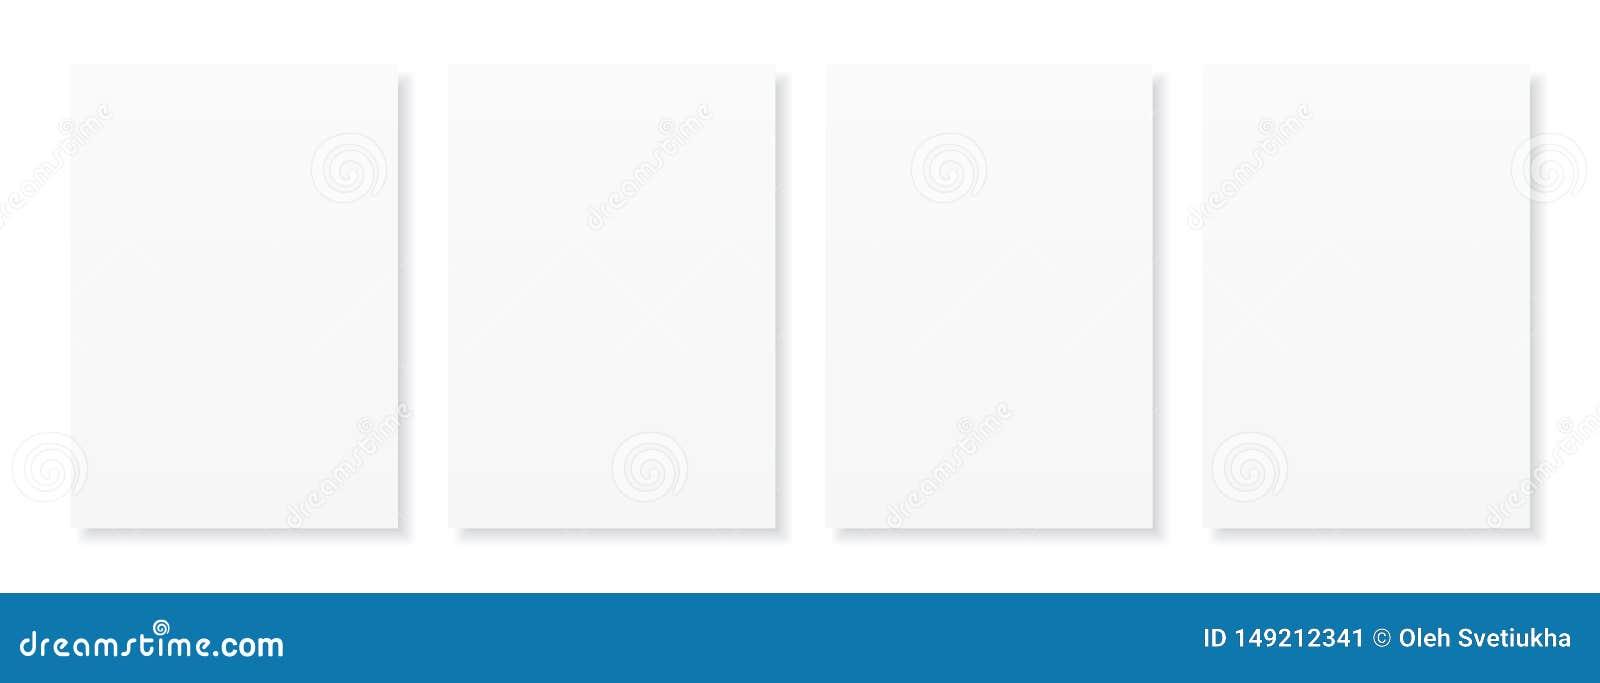 Strato in bianco A4 di Libro Bianco con ombra, modello per la vostra progettazione insieme Illustrazione di vettore